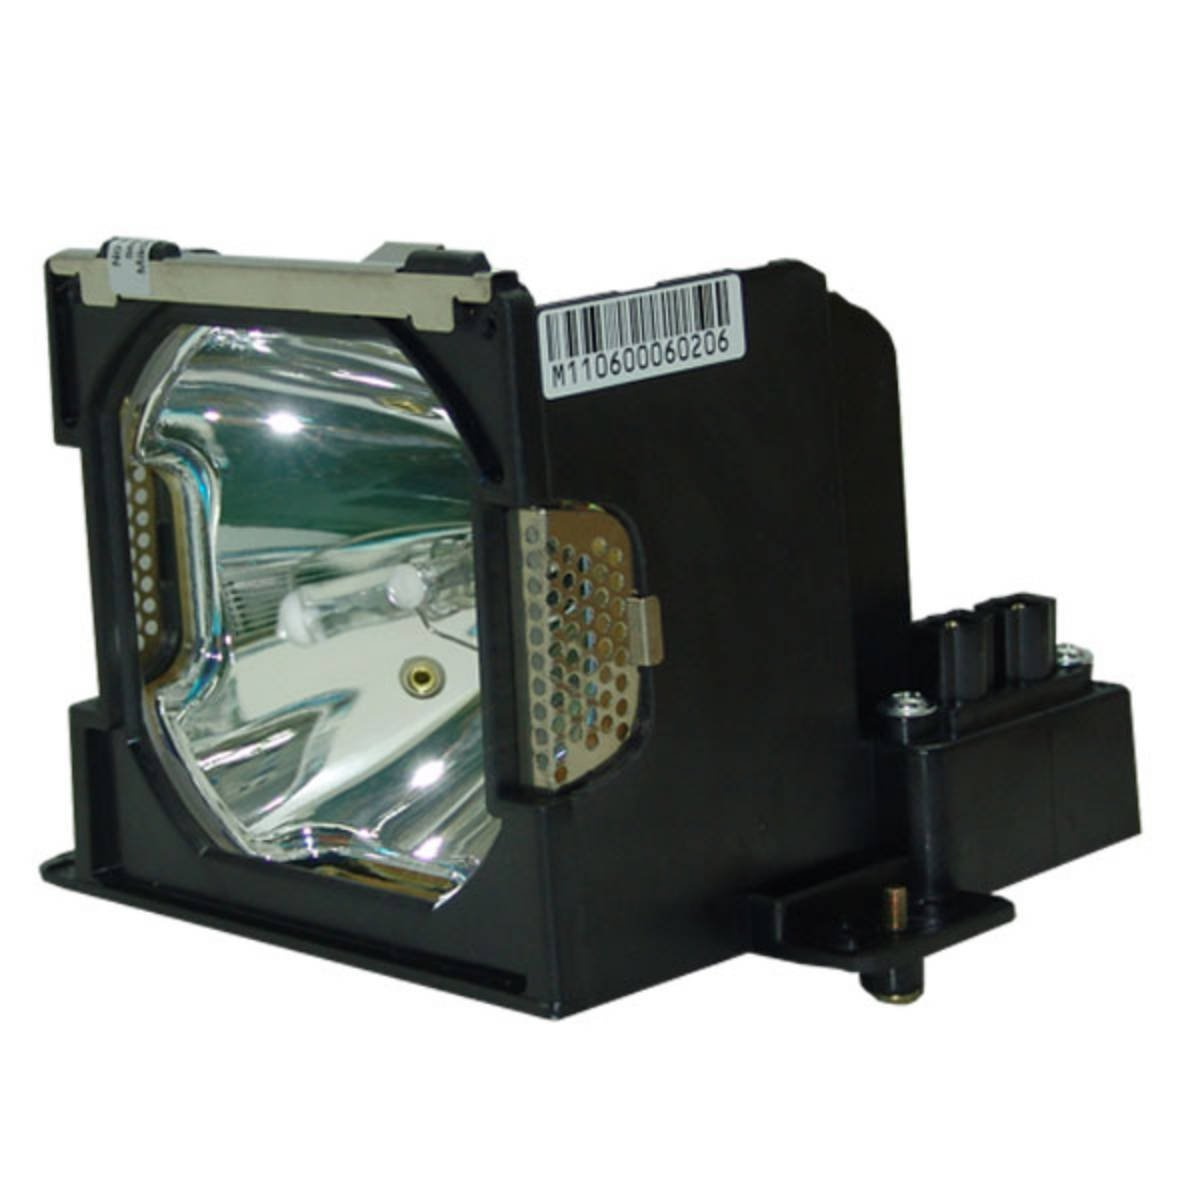 POA-LMP99 LMP99 610-325-2940 for SANYO PLC-XP40 PLC-XP40L PLC-XP45 PLC-XP45L PLV-70 PLV-75 PLV-75L PLC-LW25U Projector Lamp Bulb poa lmp99 lmp99 for sanyo plc xp40 plc xp40l plc xp45 plc xp45l plv 70 plv 75 plv 75l lw25u projector bulb lamp without housing